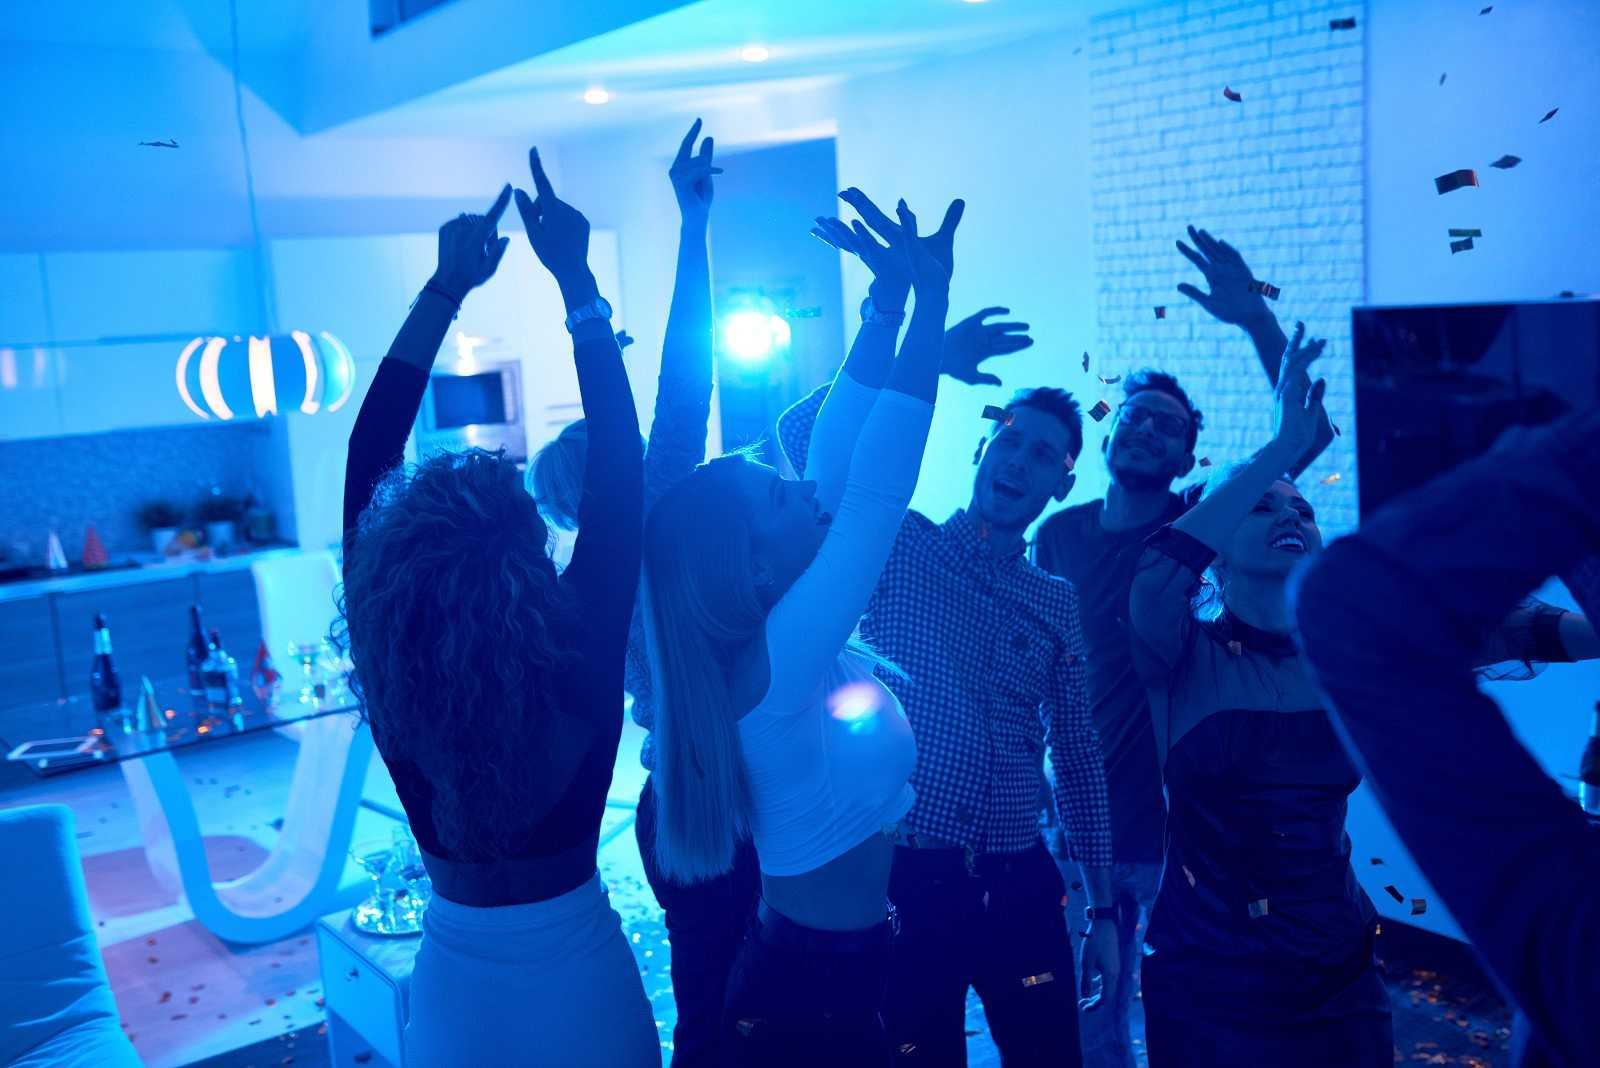 14 Horas Fin de Semana - Pasamos la noche con la policía a la caza de fiestas ilegales en Fuerteventura - Escuchar ahora